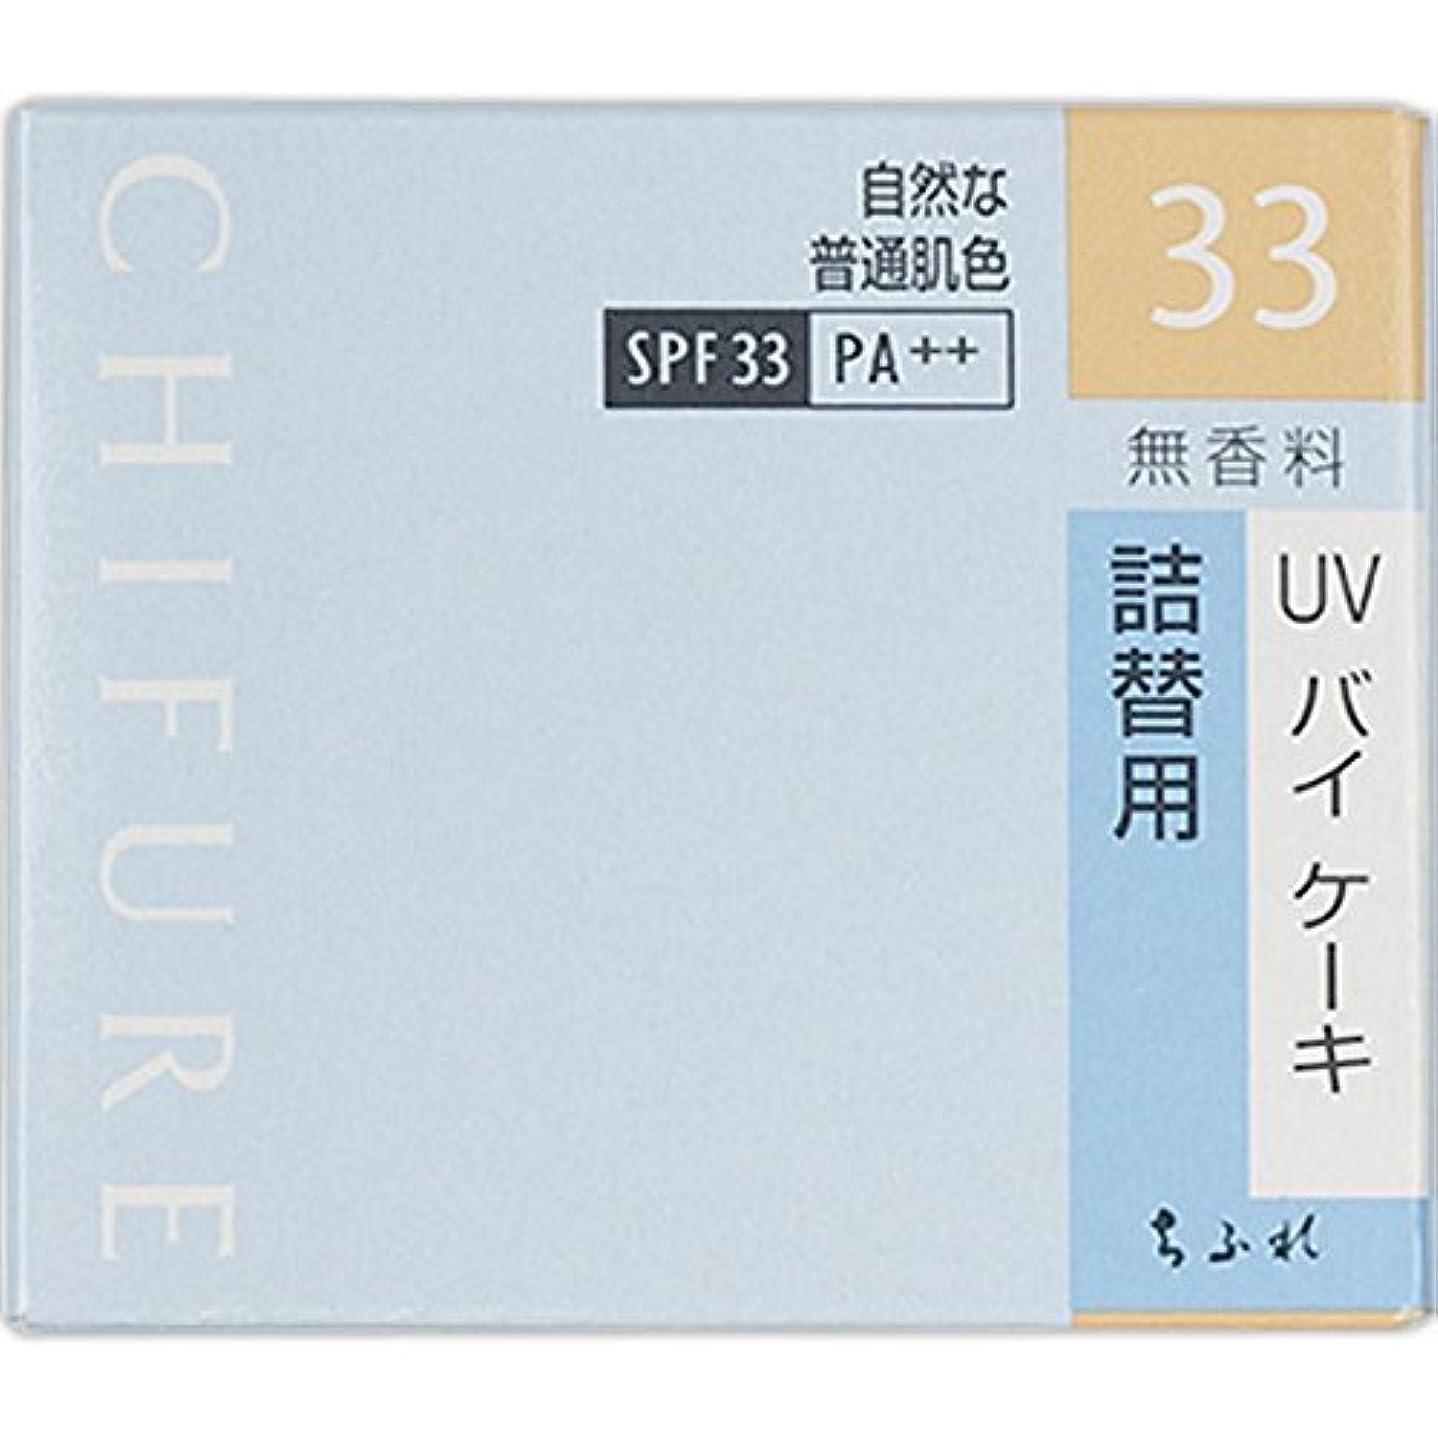 オーバーランサイズご近所ちふれ化粧品 UV バイ ケーキ 詰替用 33 自然な普通肌色 14g